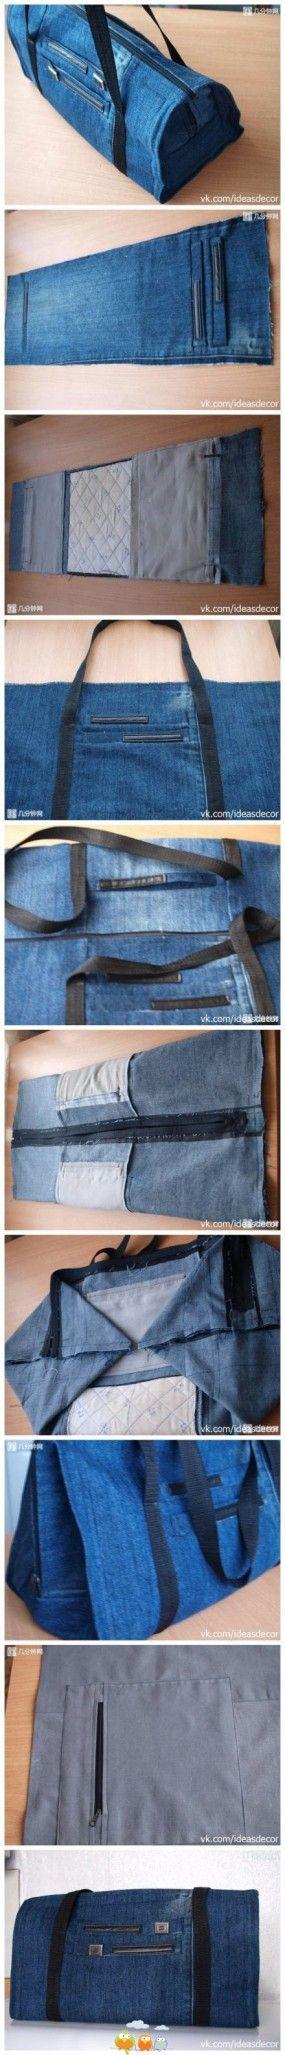 tasche jeans upcycling taschen pinterest n hen taschen n hen und jeans tasche. Black Bedroom Furniture Sets. Home Design Ideas